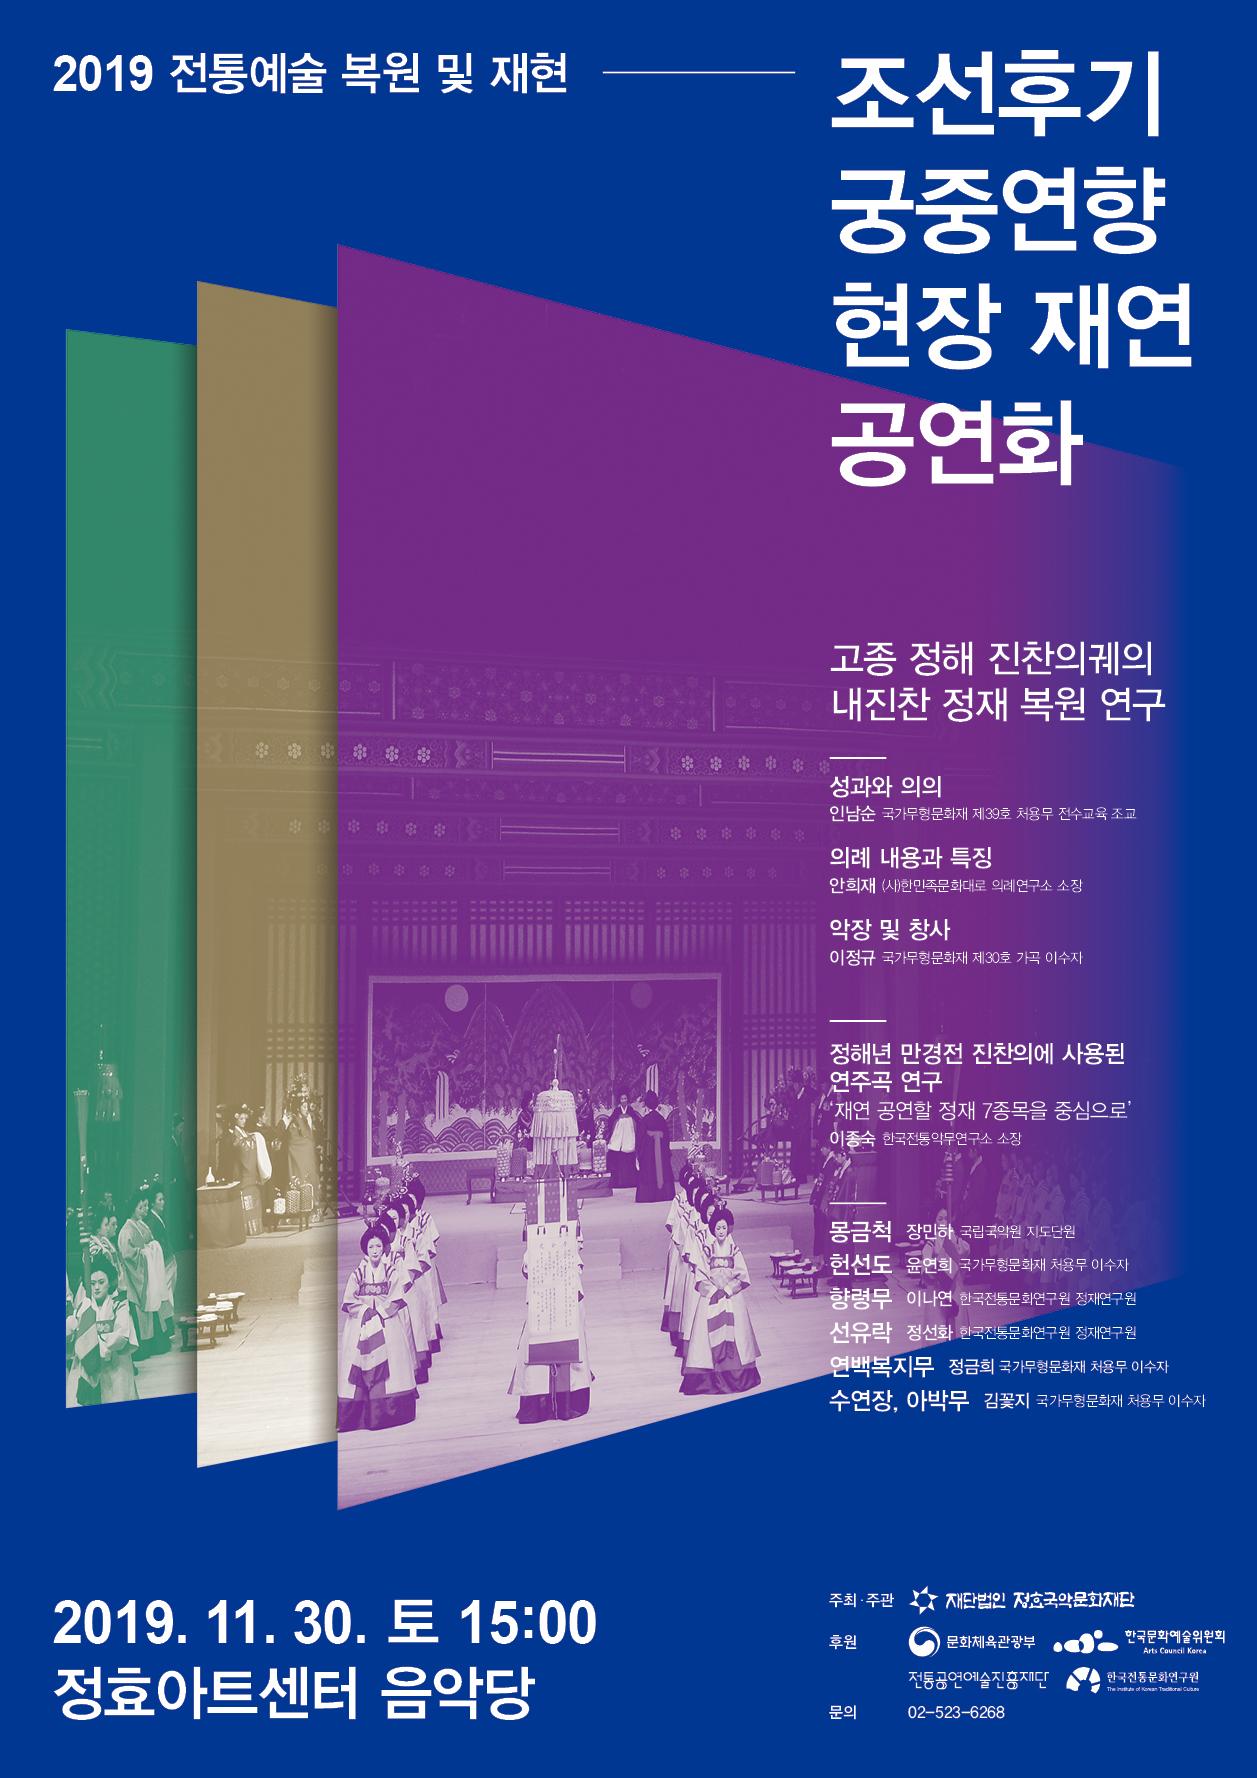 전통예술 복원 및 재현 포스터 인쇄.jpg